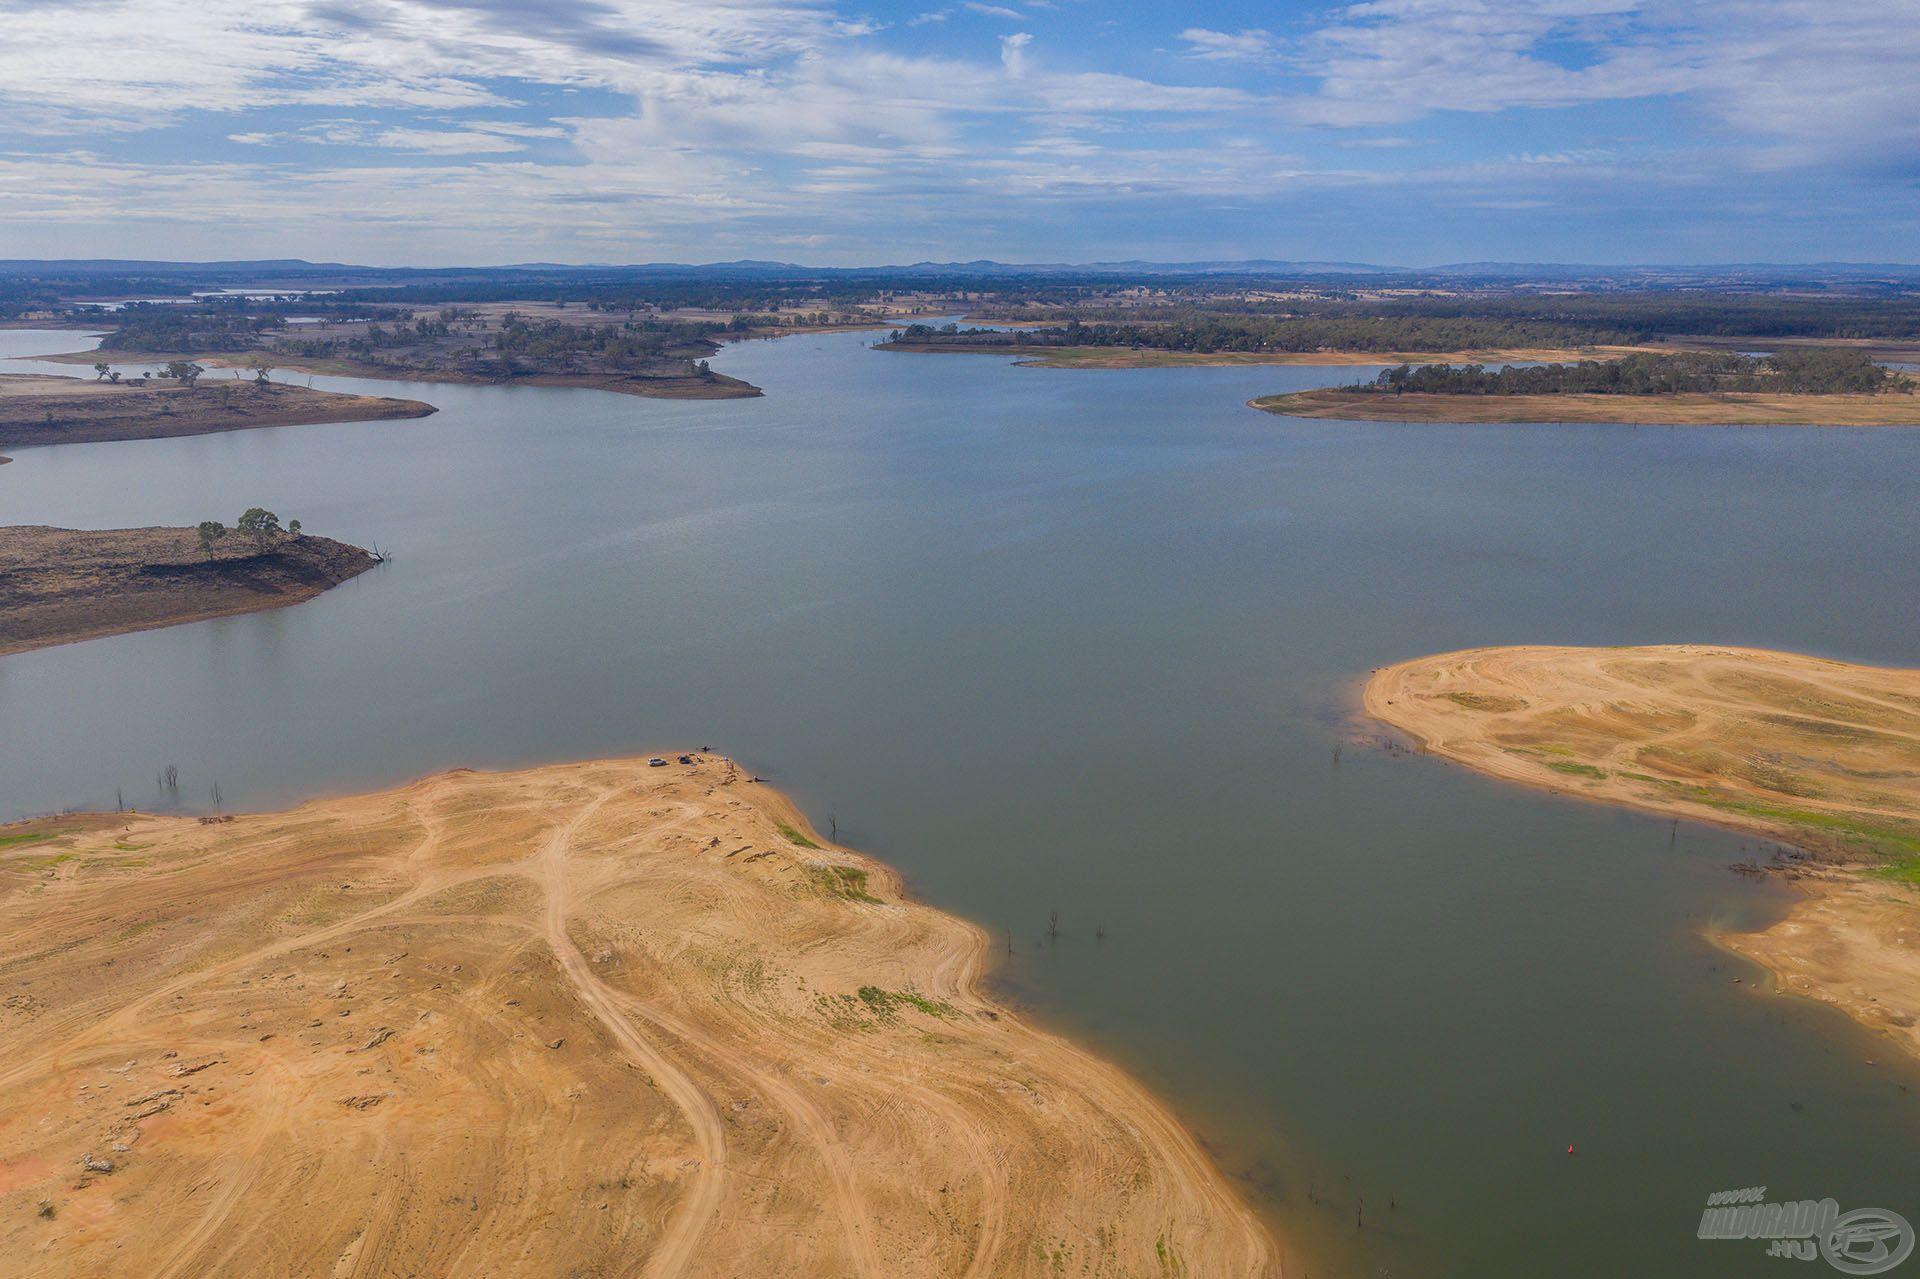 Lake Eppalock, az ausztrál vízgazdálkodás egyik ékes példája